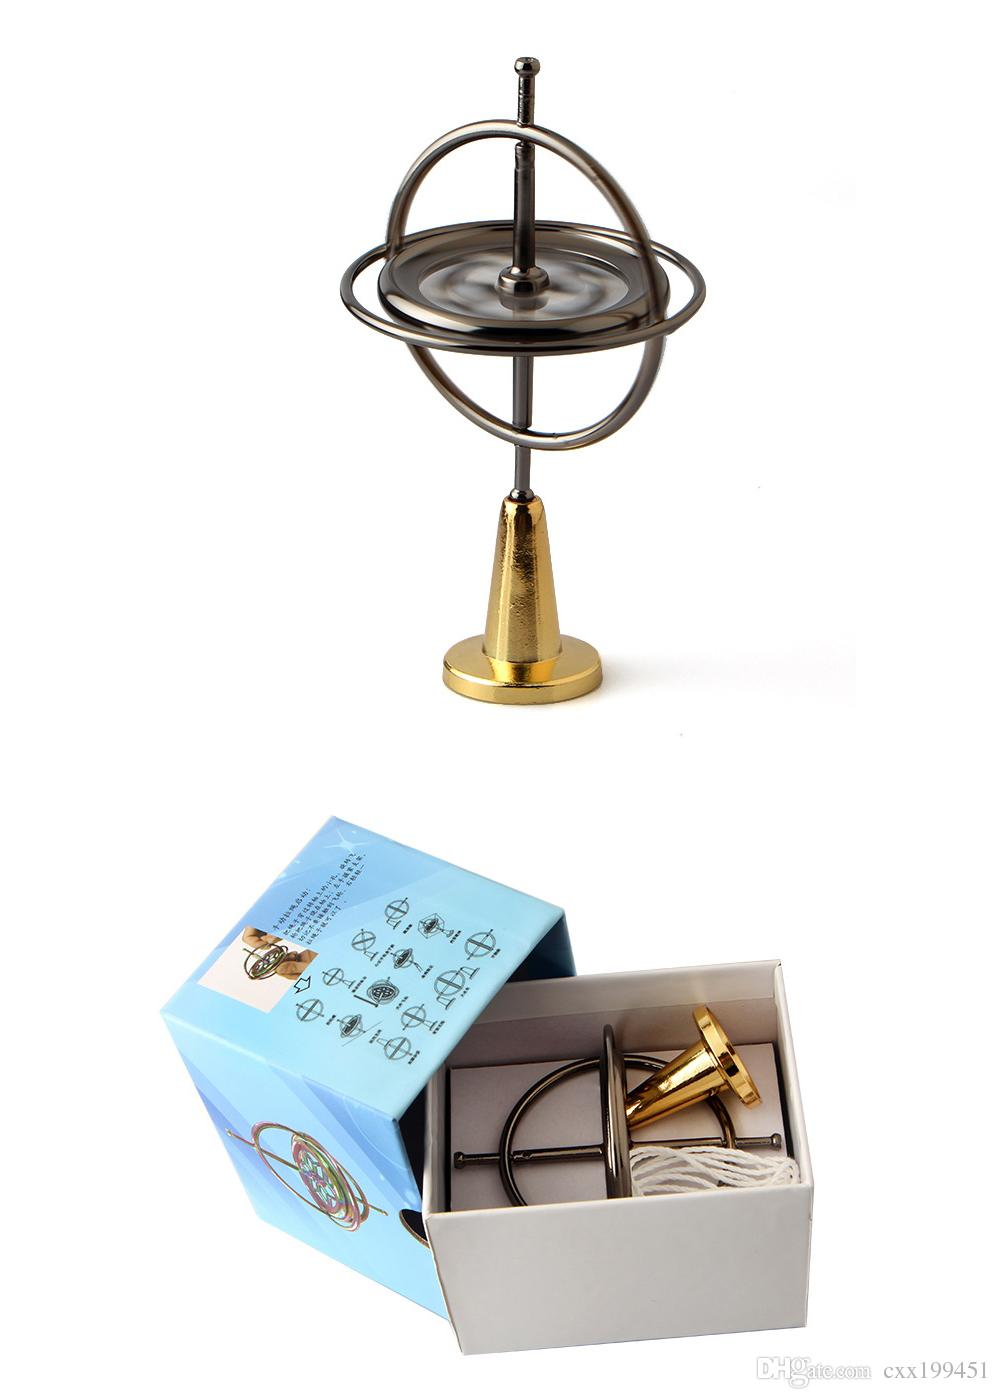 Giroscopio para niños Aprendizaje Eudcation Nuevo Spinner Desarrollar juguete inteligente Buen regalo para niños Ayuda EDC envío gratuito de DHL